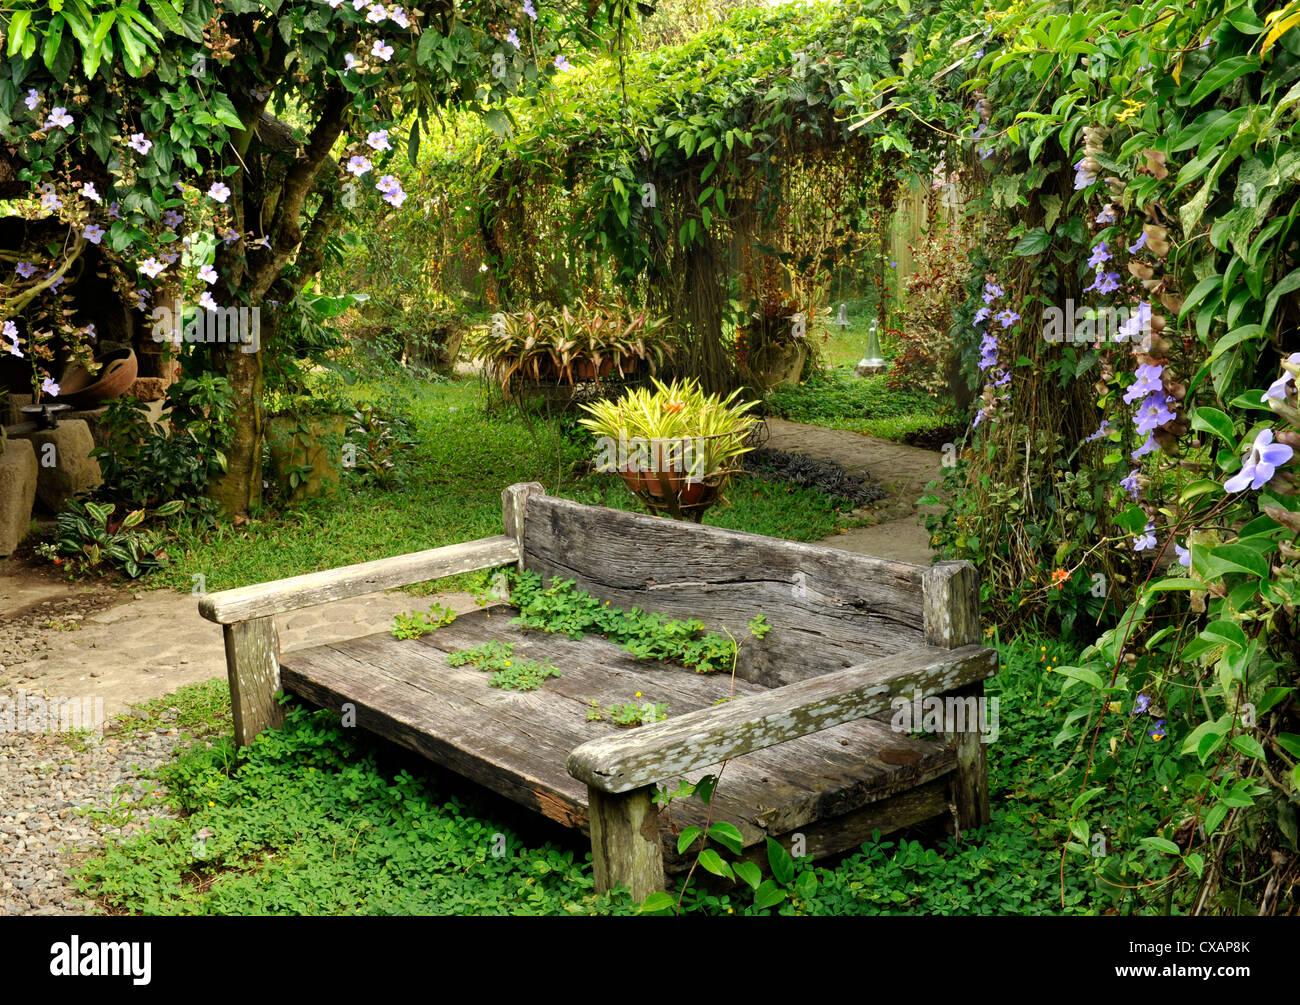 La lune jardin dispose d'une série de treillis avec Thunbergias et d'autres vignes, conçu par Photo Stock